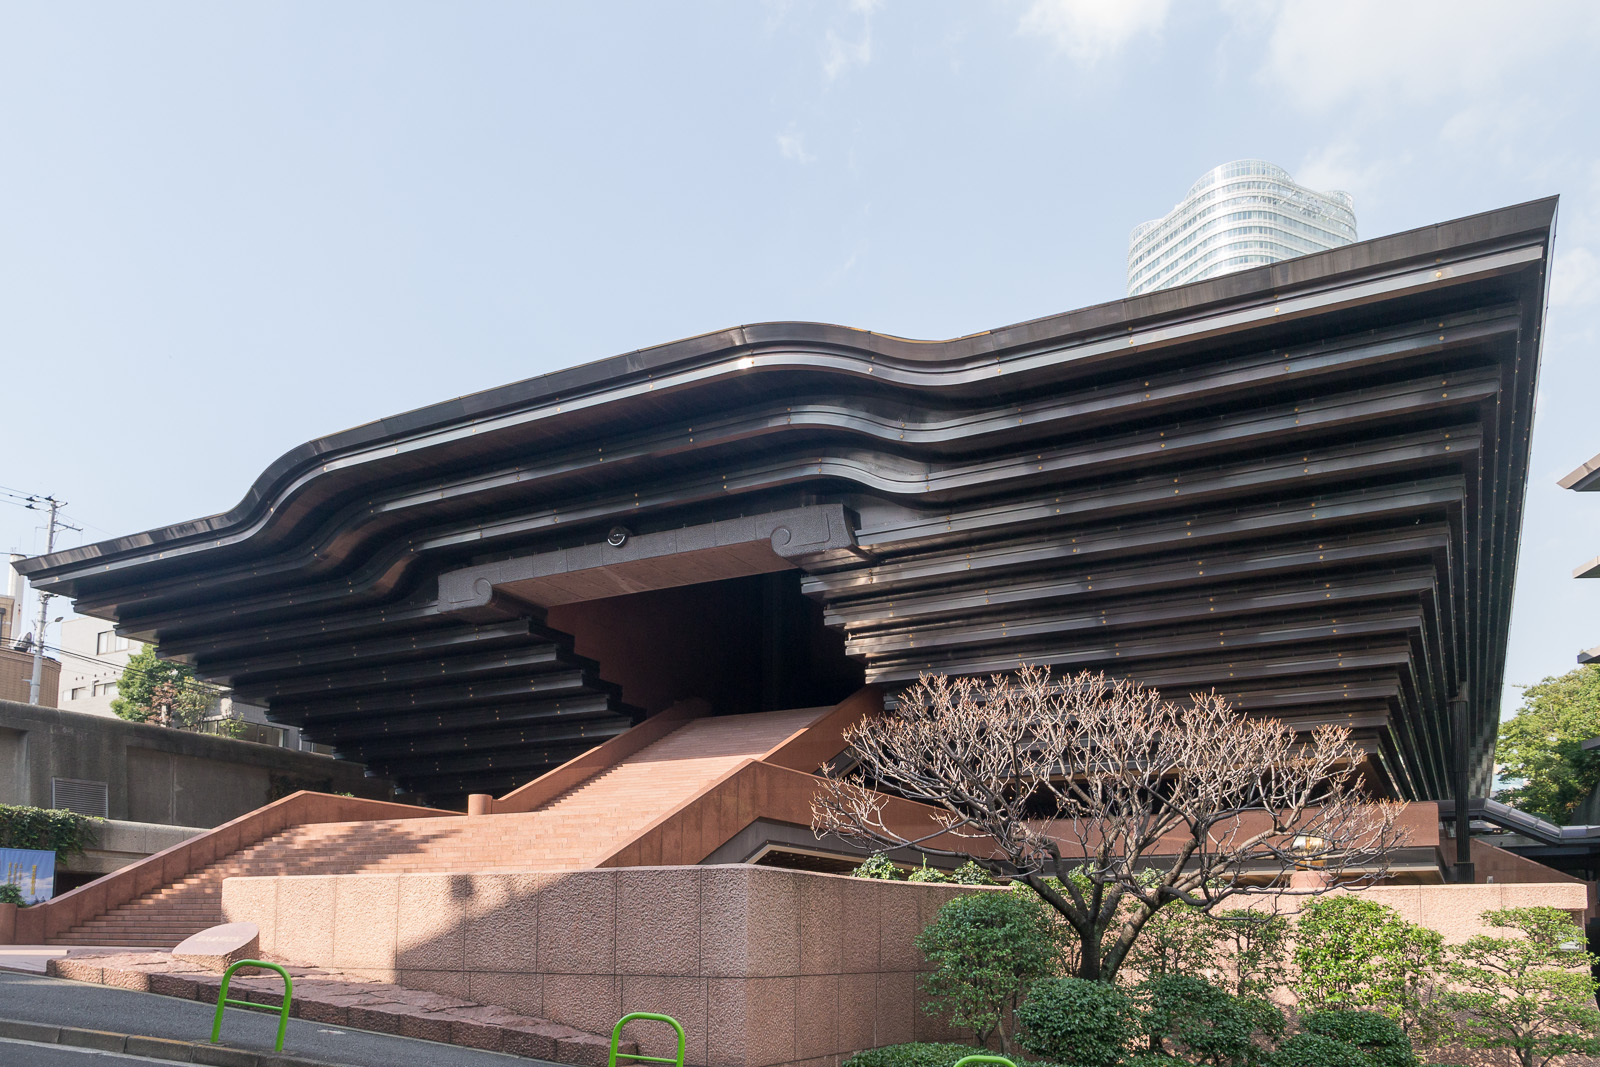 Hauptsitz der neuen Neureligion reiyukai in Tokyo.